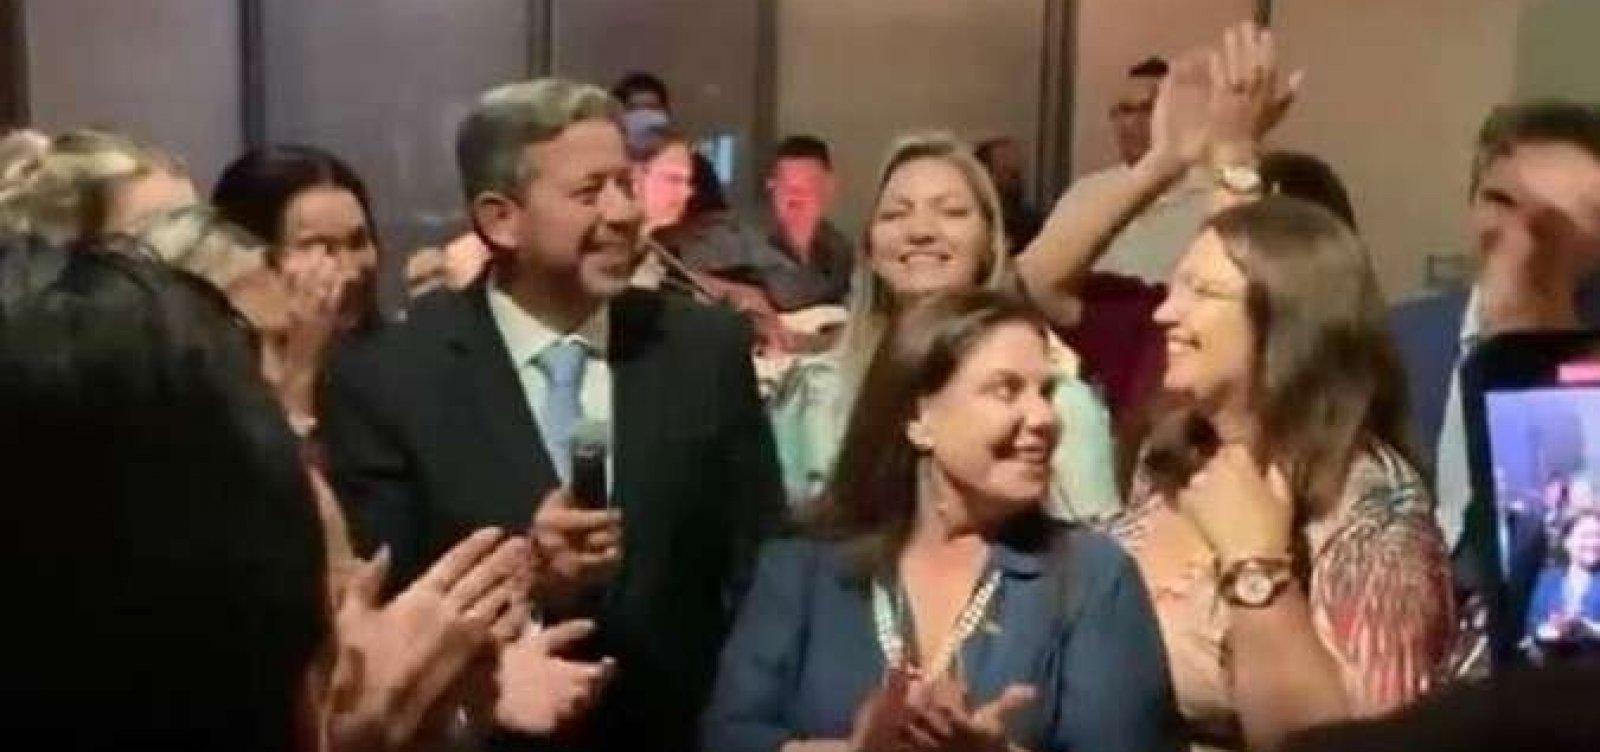 [Após vitória na Câmara, Lira faz festa para 300 pessoas com aglomeração e sem máscara ]